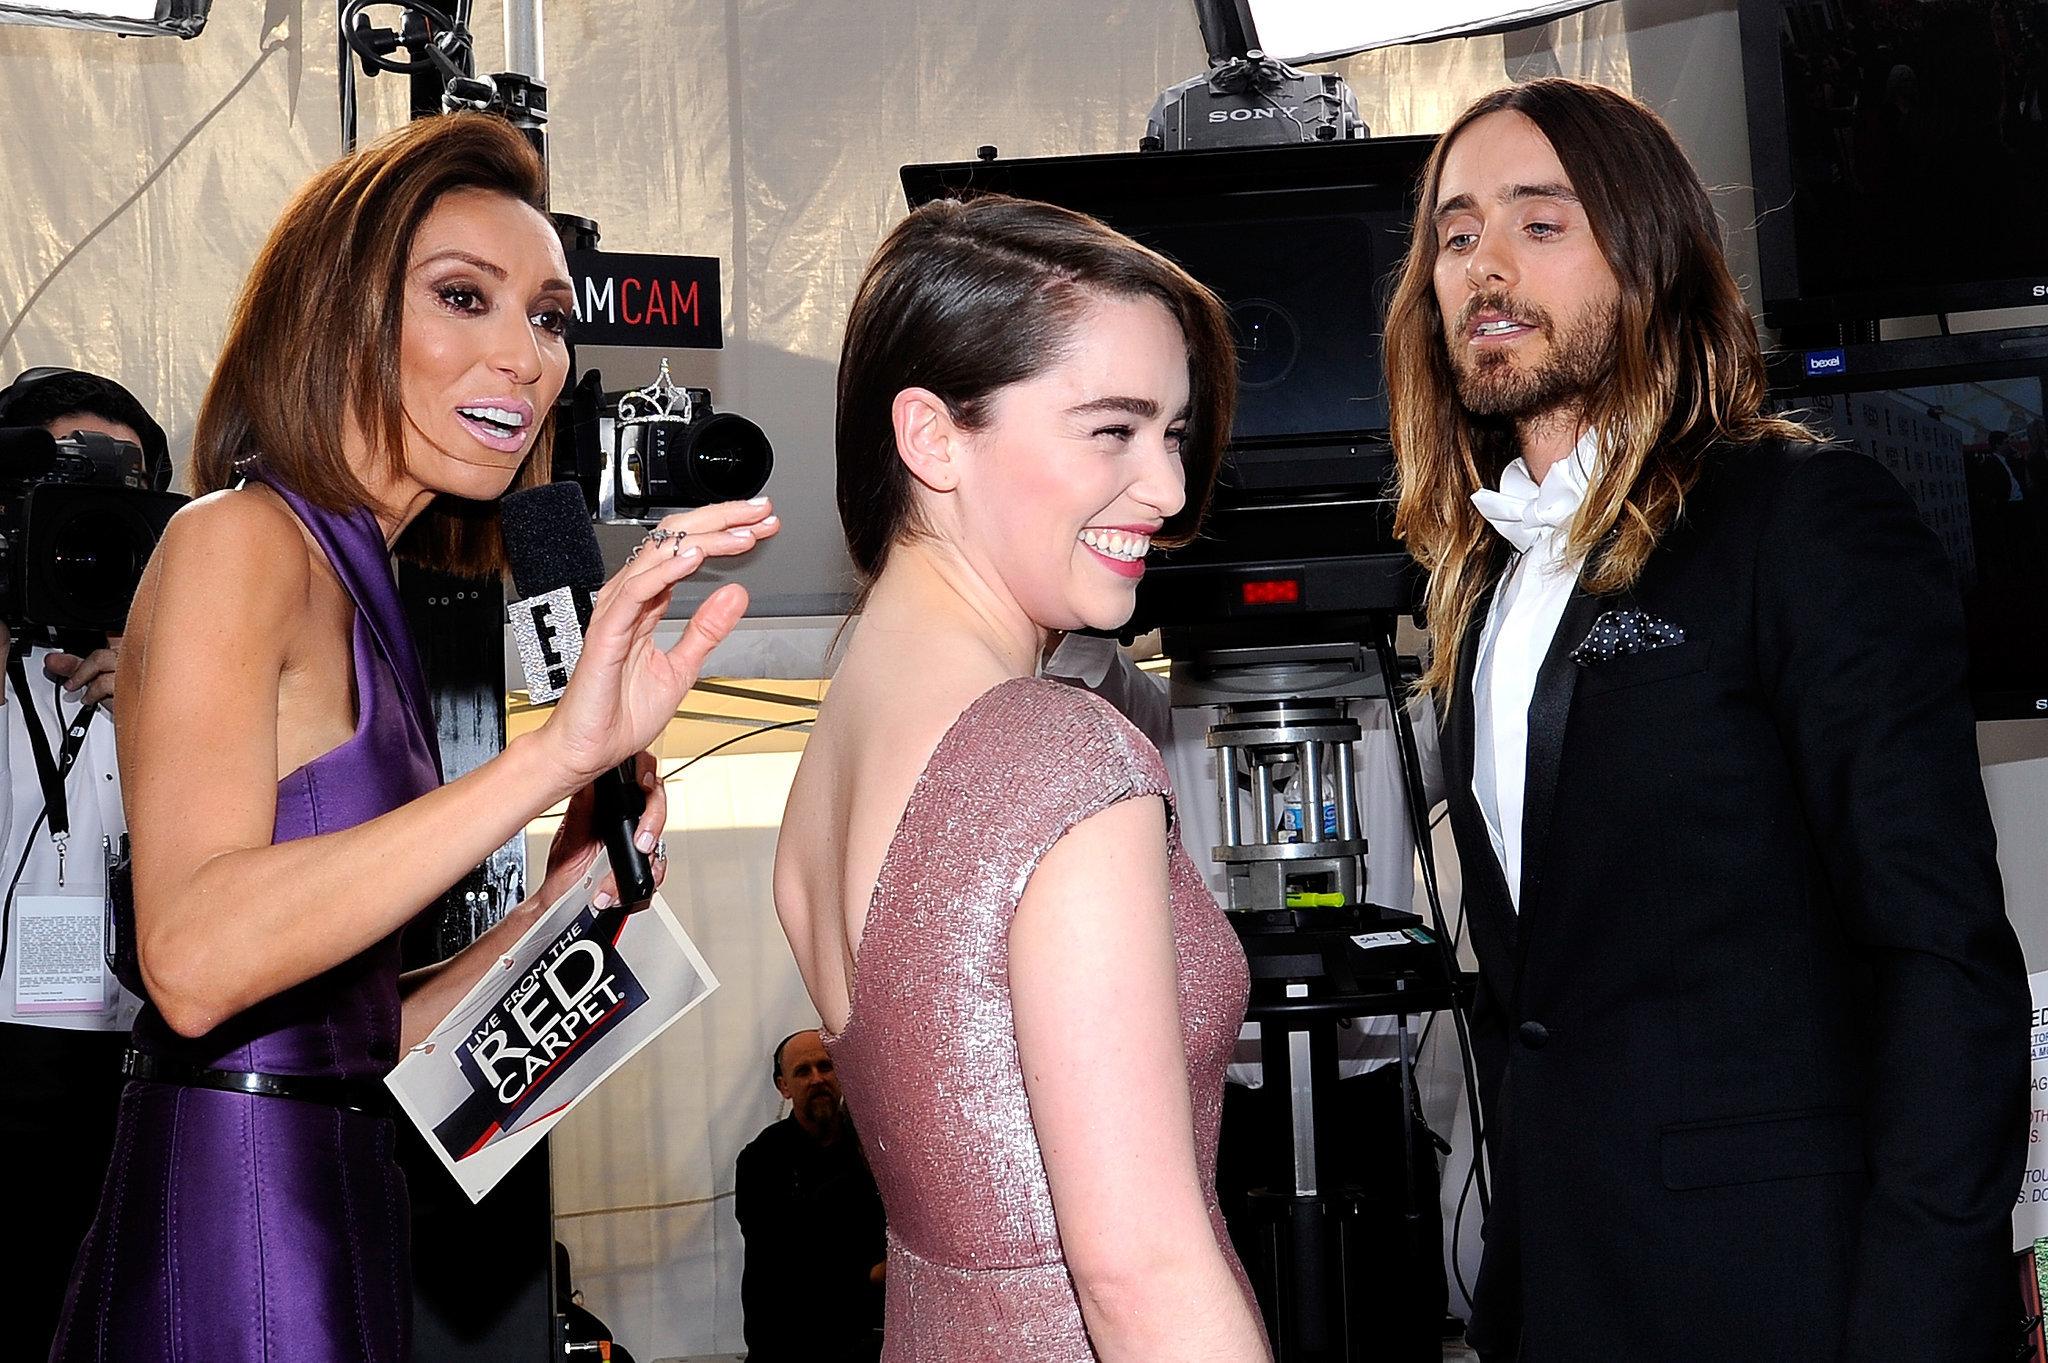 22. Jared Leto Flirts With Emilia Clarke